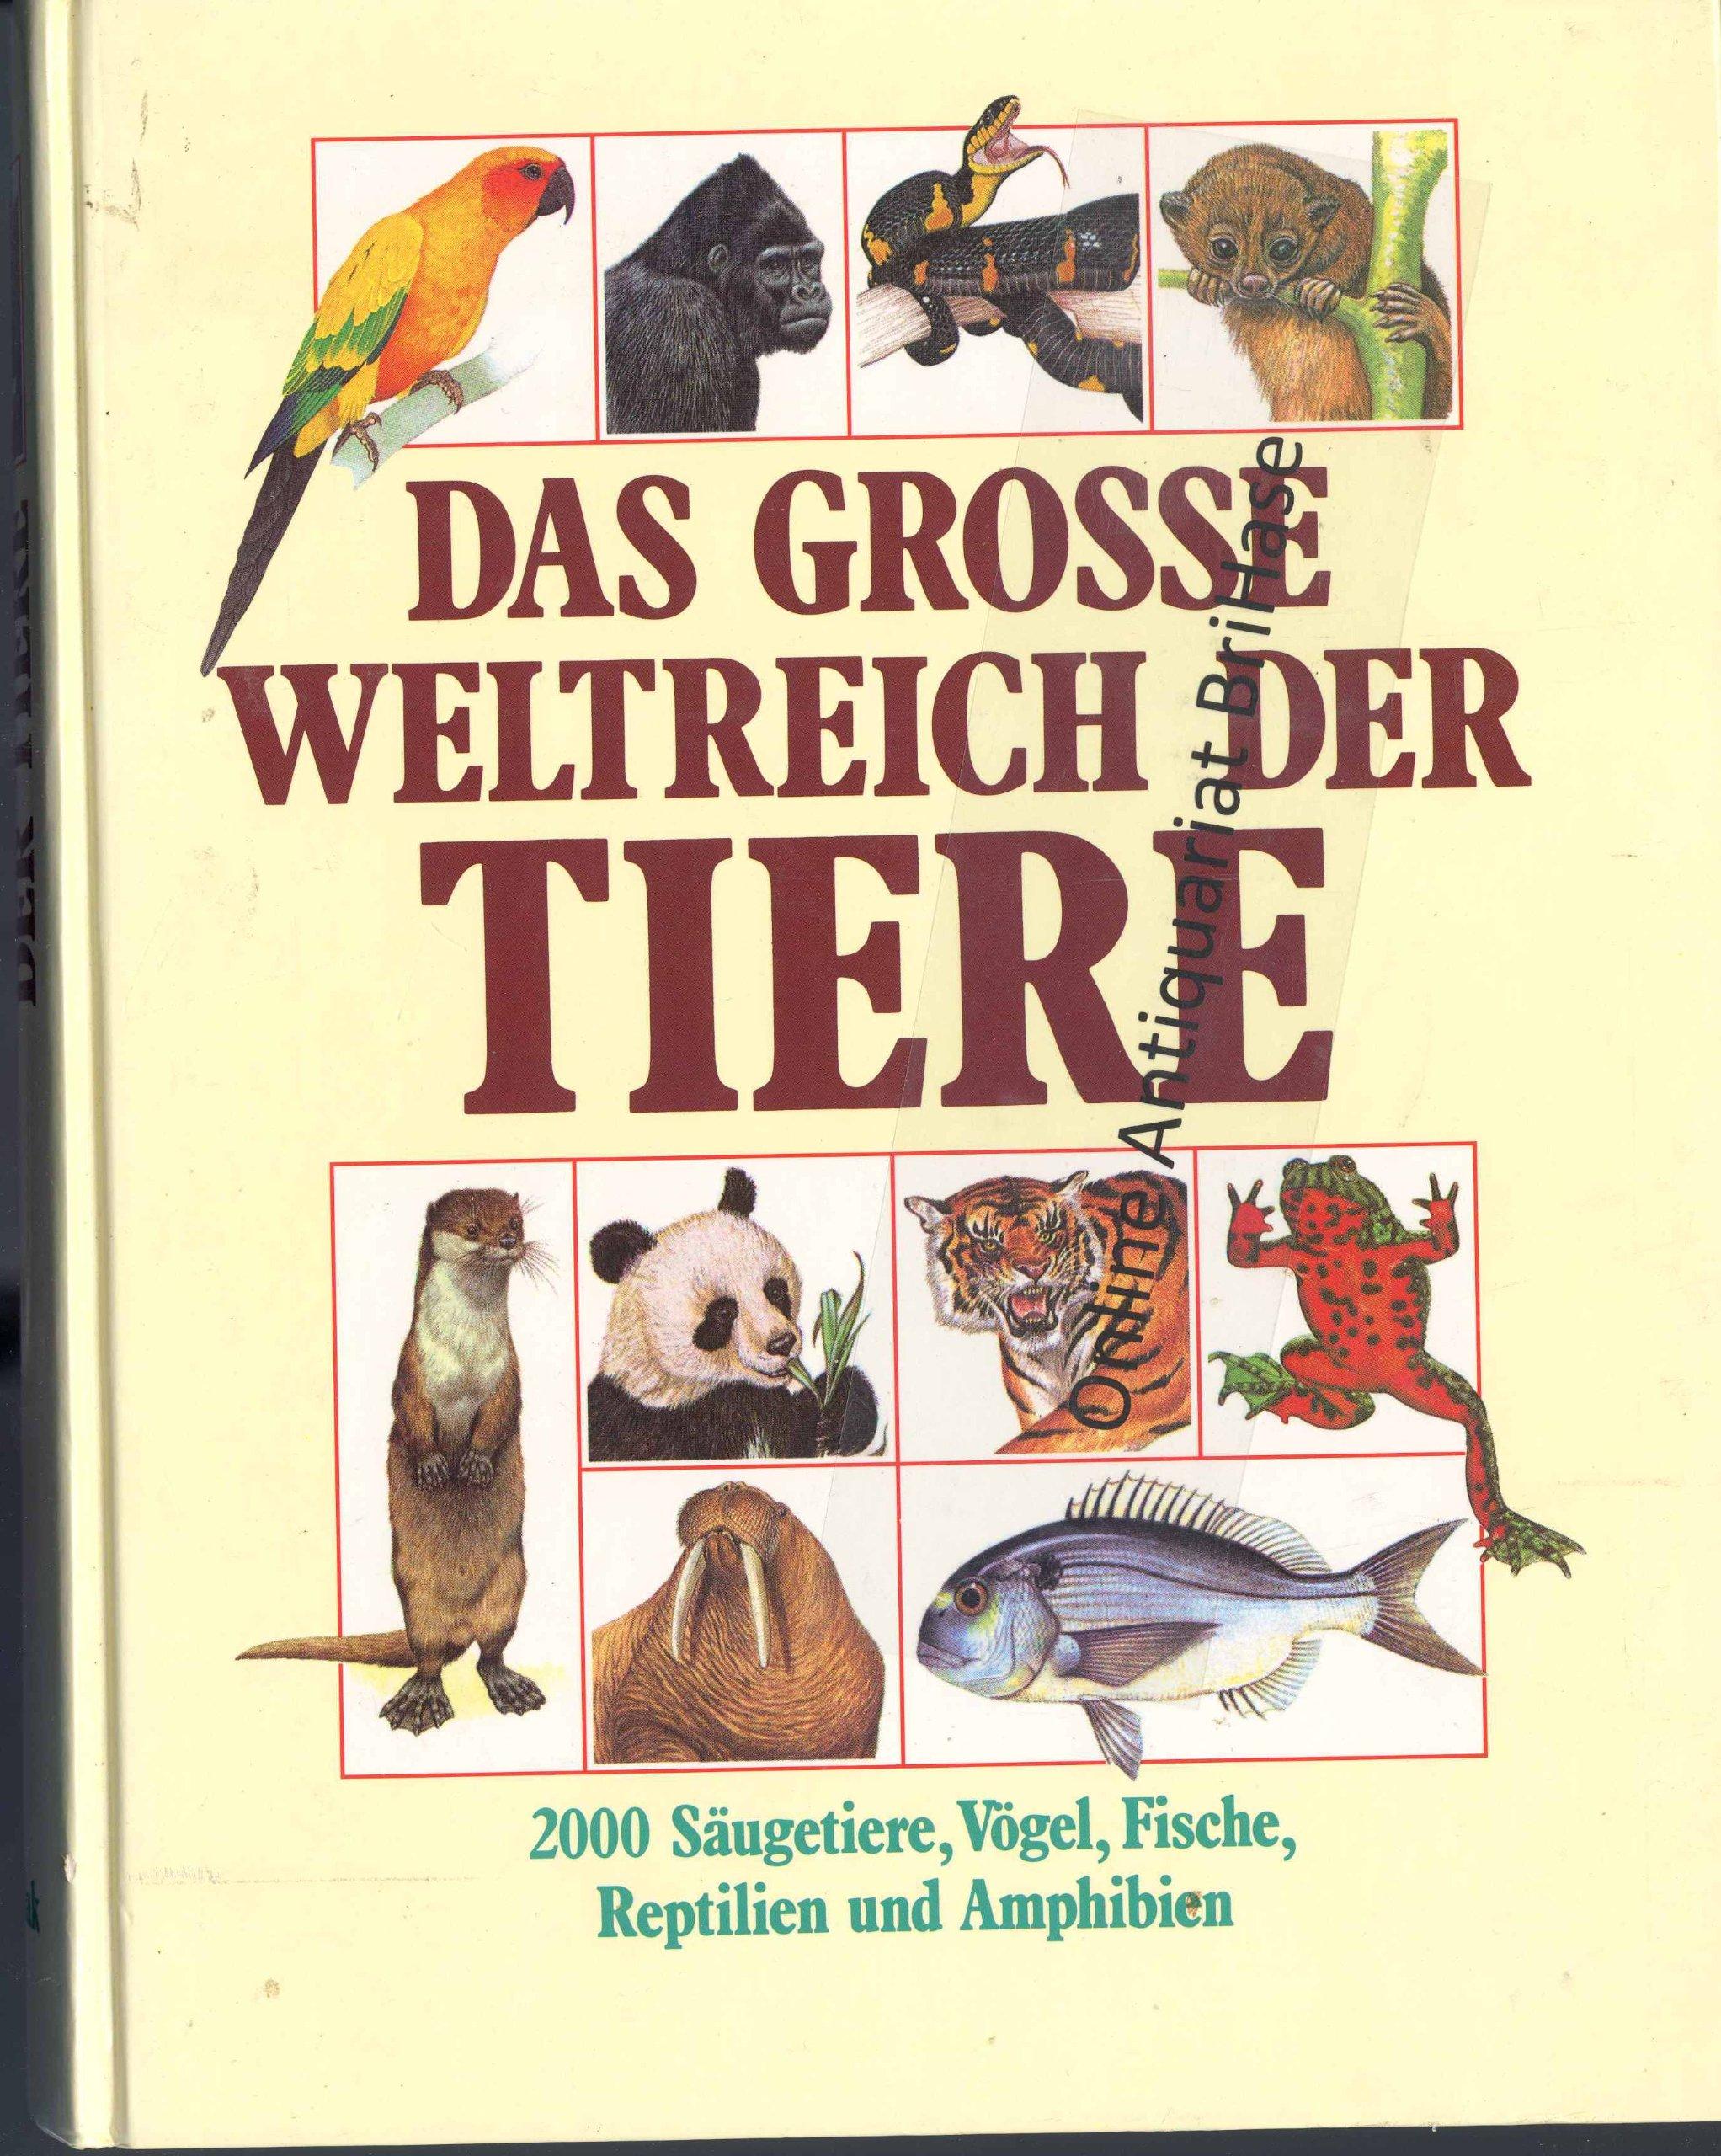 Das grosse Weltreich der Tiere. 2000 Säugetiere, Vögel, Fische, Reptilien und Amphibien auf einen Blick